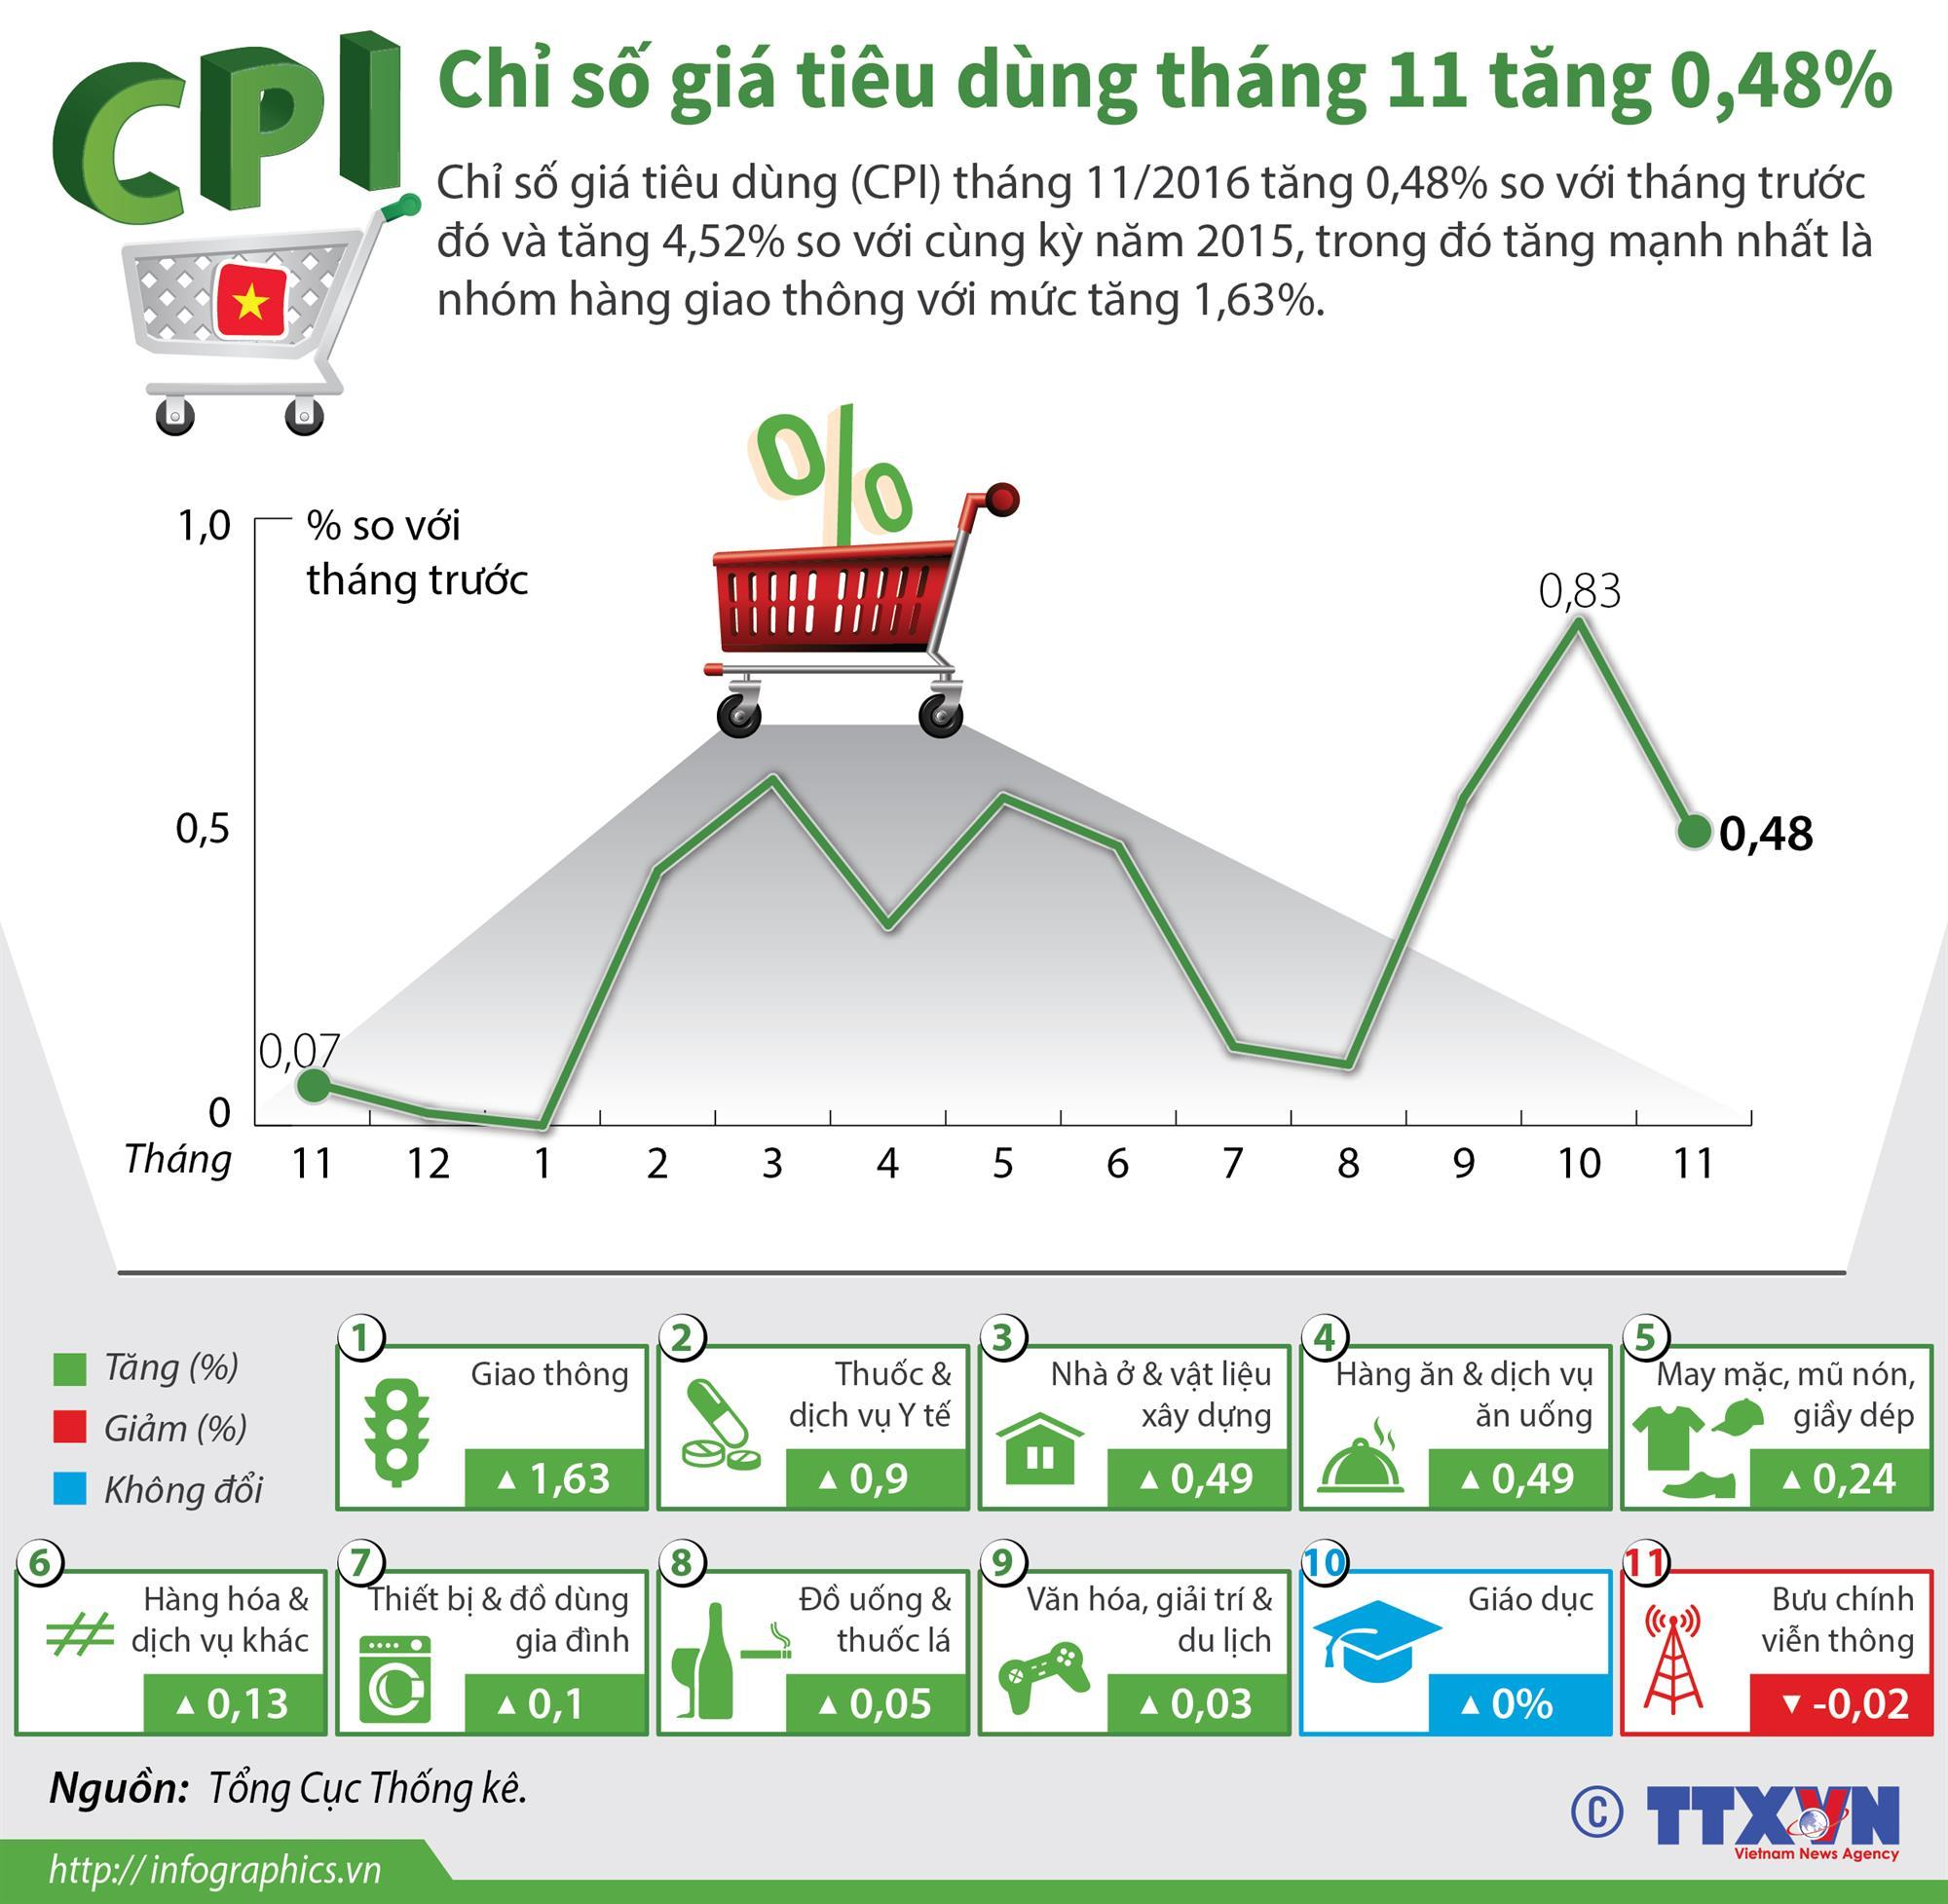 Chỉ số giá tiêu dùng (CPI) Bắc Ninh tăng 2,01% so cùng kỳ năm trước